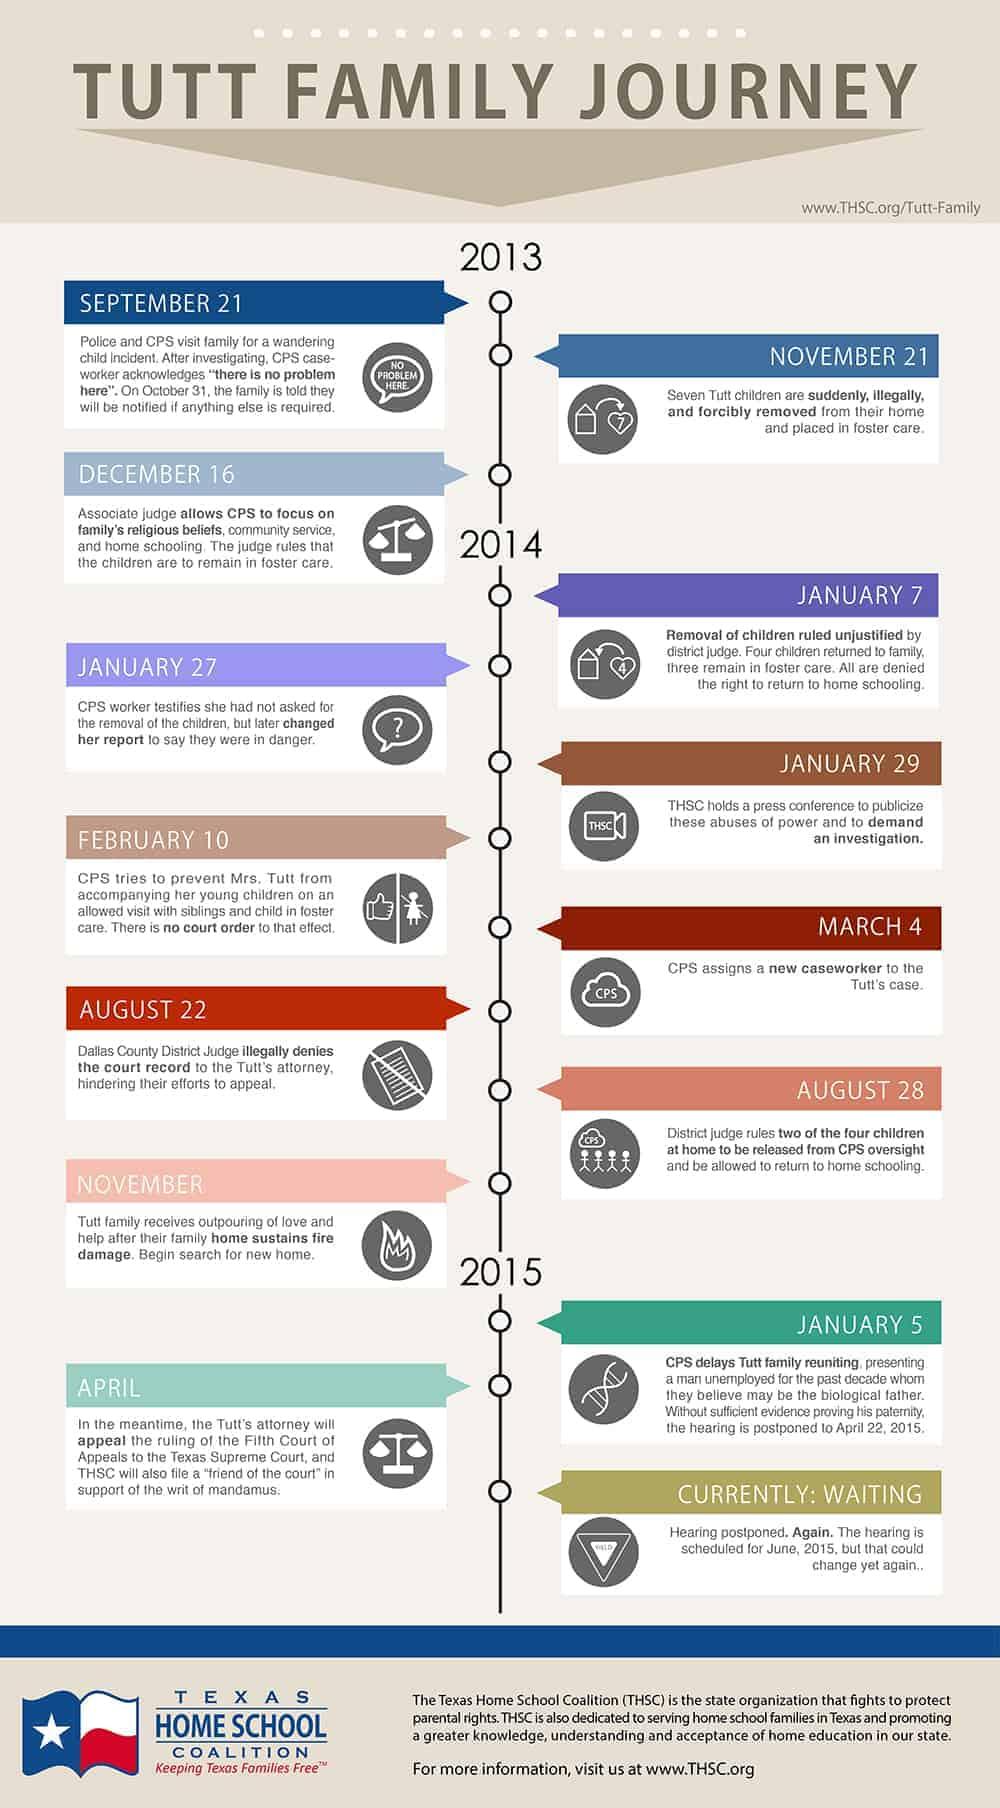 Tutt Family Journey Infographic